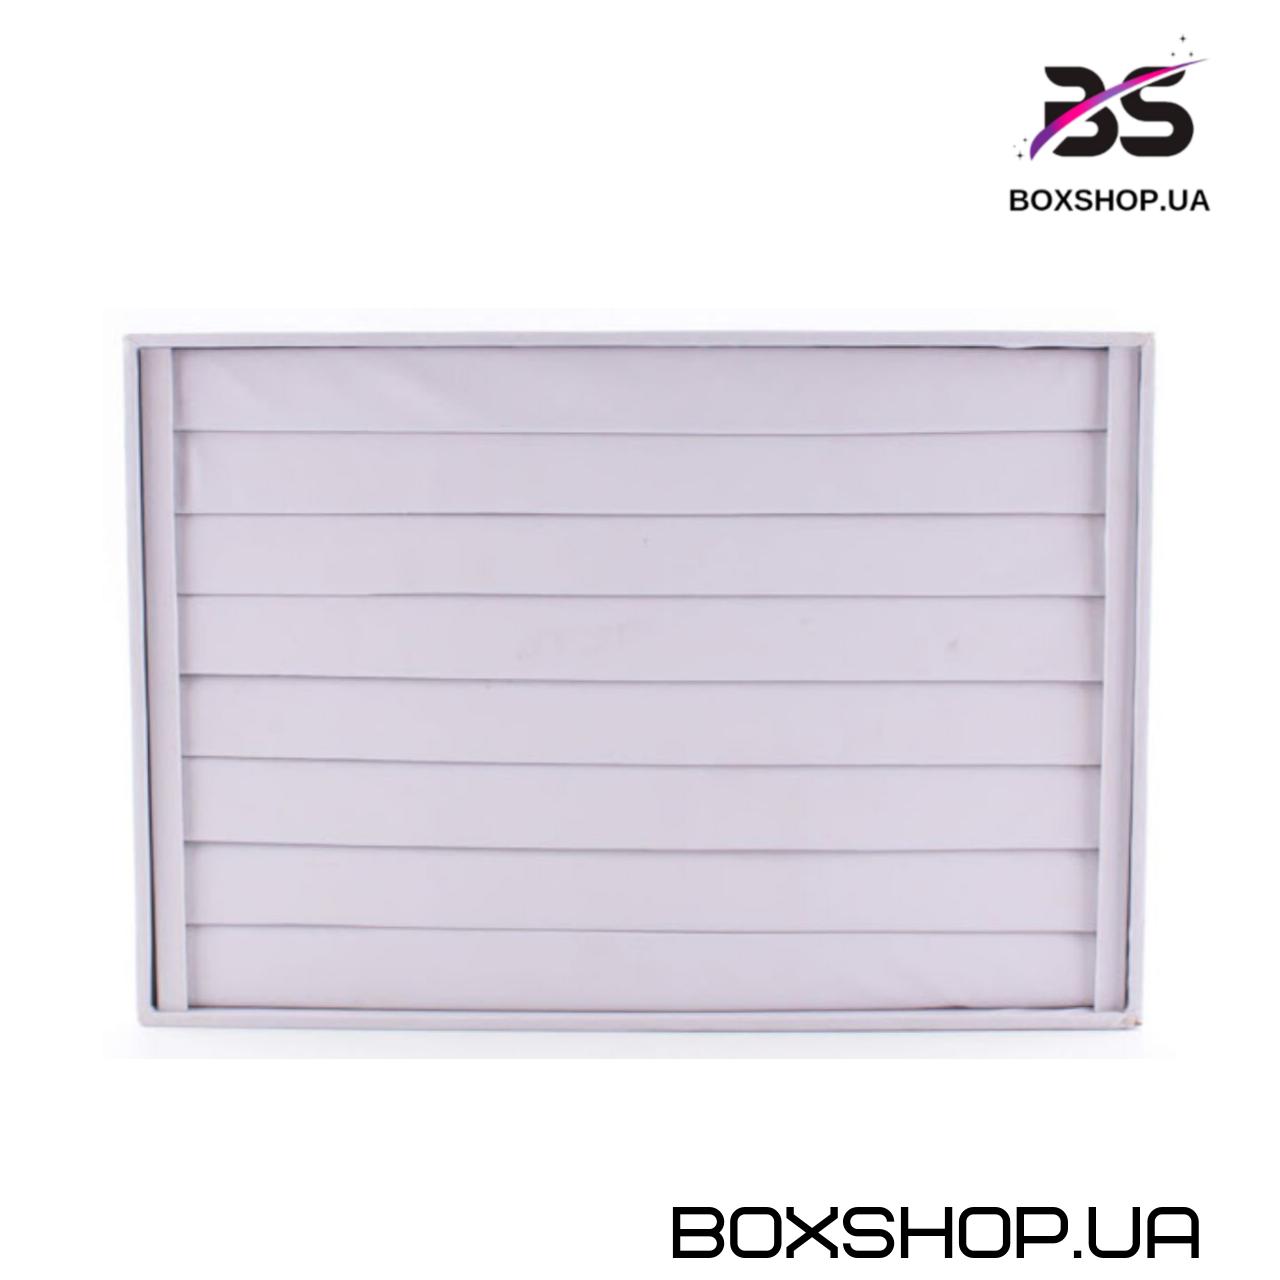 Ювелирный планшет BOXSHOP - 1022357044